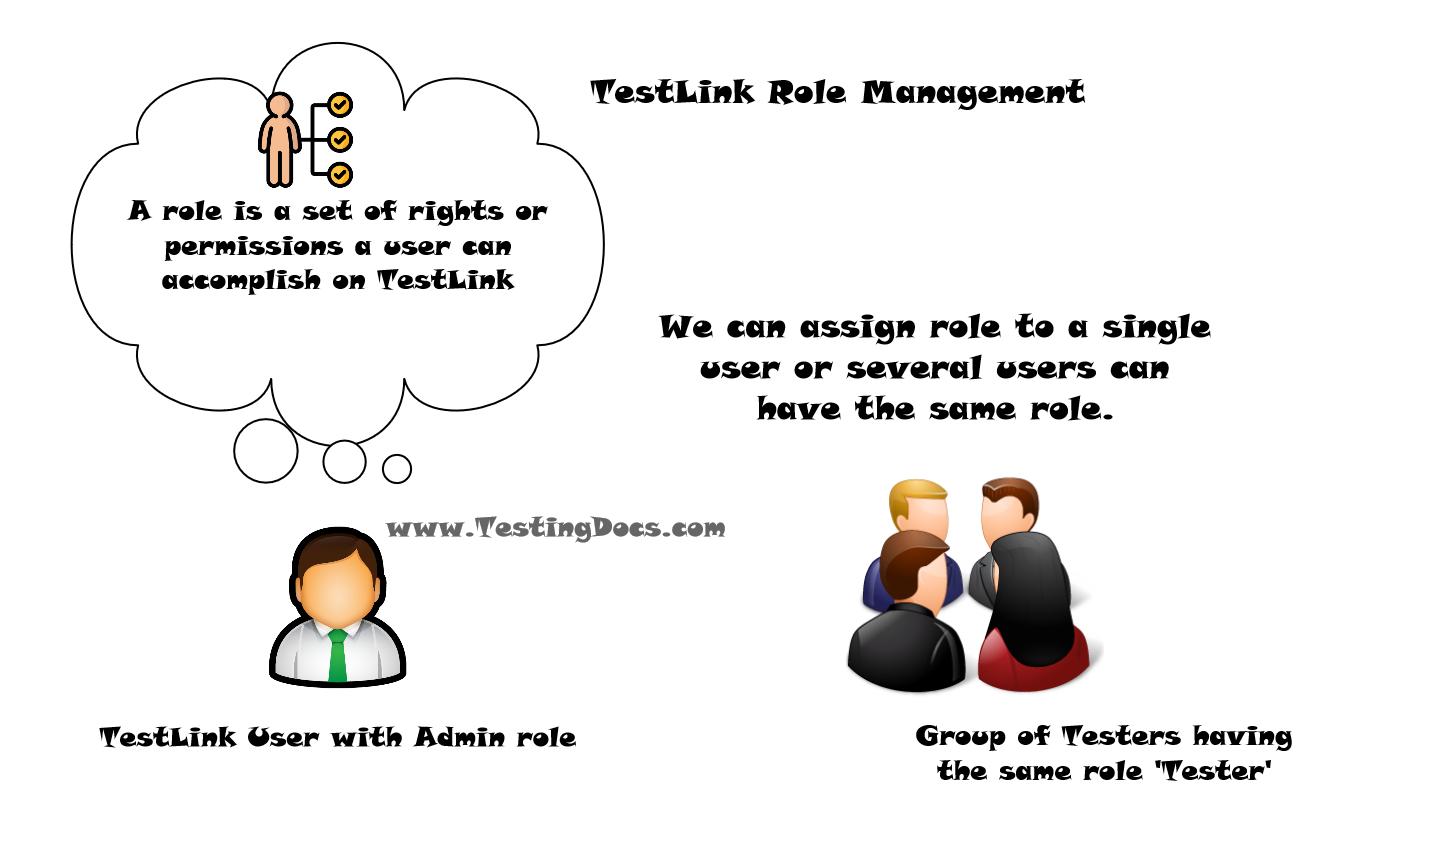 TestLink Role Management